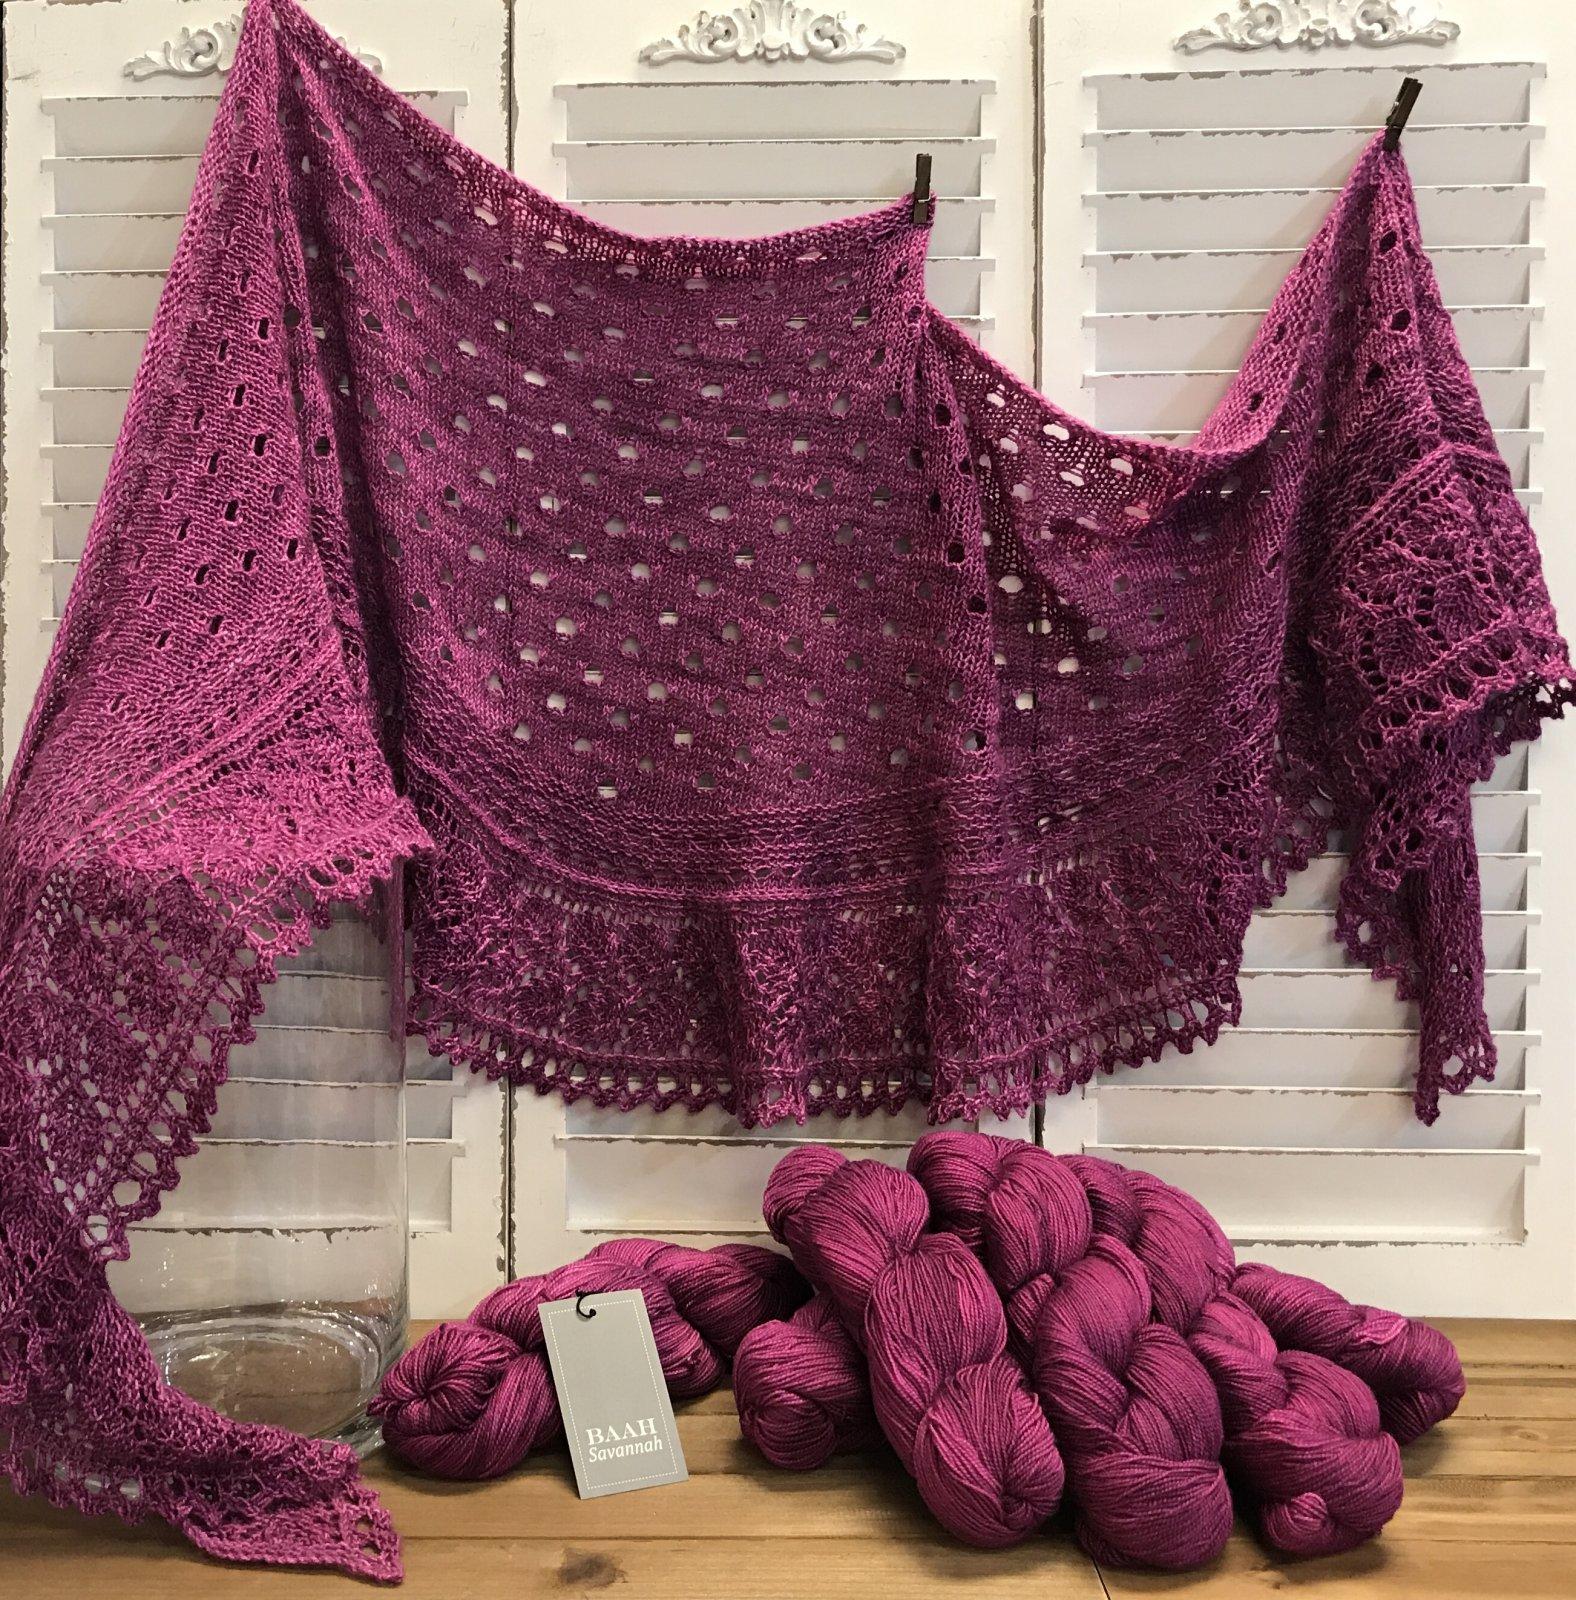 Yvonne Savannah I Shall Wear Purple Yarn